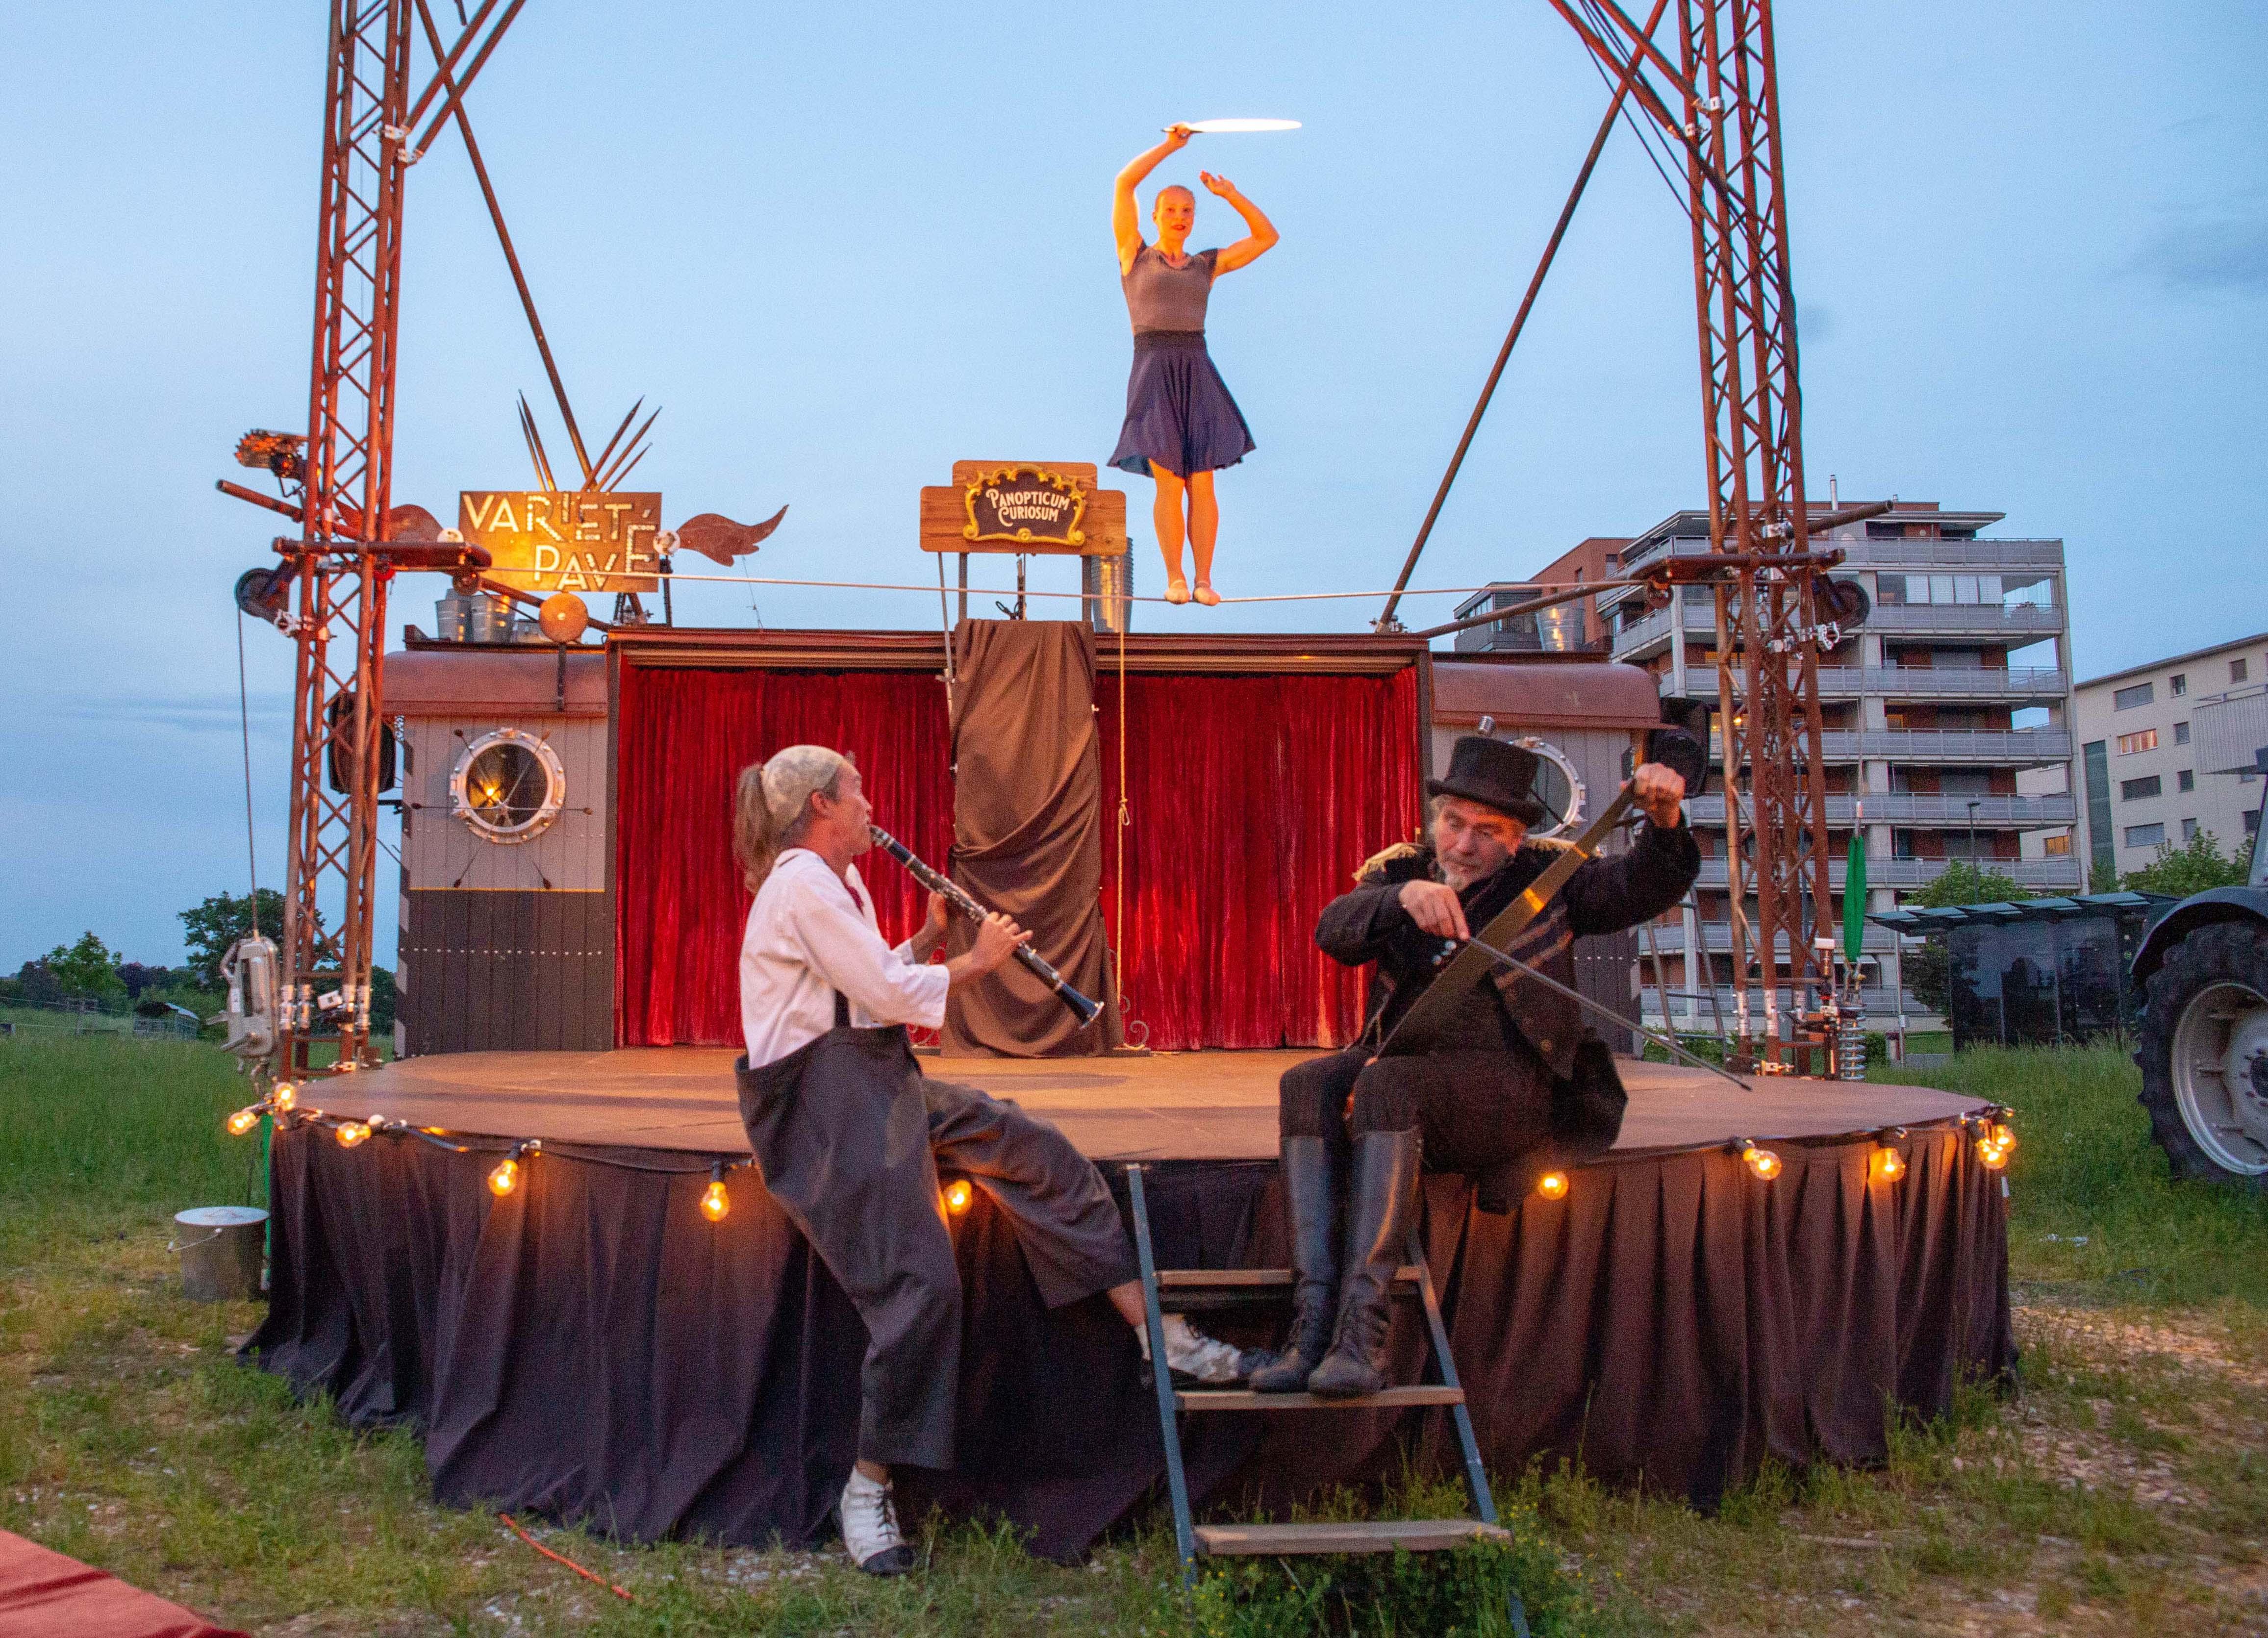 Erzählt wird in Programm «Panopticum Curiosum» die Geschichte einer Schaubude, die ihre besseren Zeiten bereits hinter sich hat. Das Ensemble schrumpfte von Vorstellung zu Vorstellung. Geblieben sind der alternde Clown, die Seiltänzerin, der Direktor Ferdinand und...